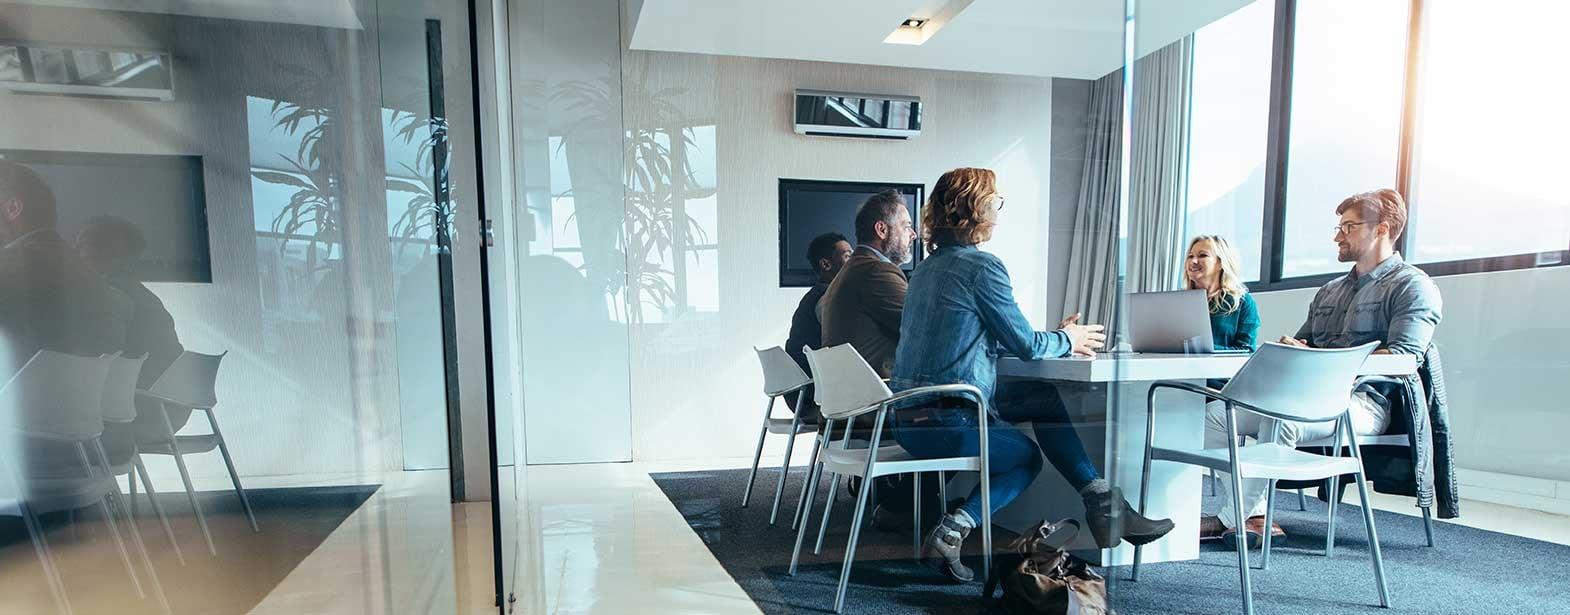 How Buyer Personas Define B2B Digital Marketing